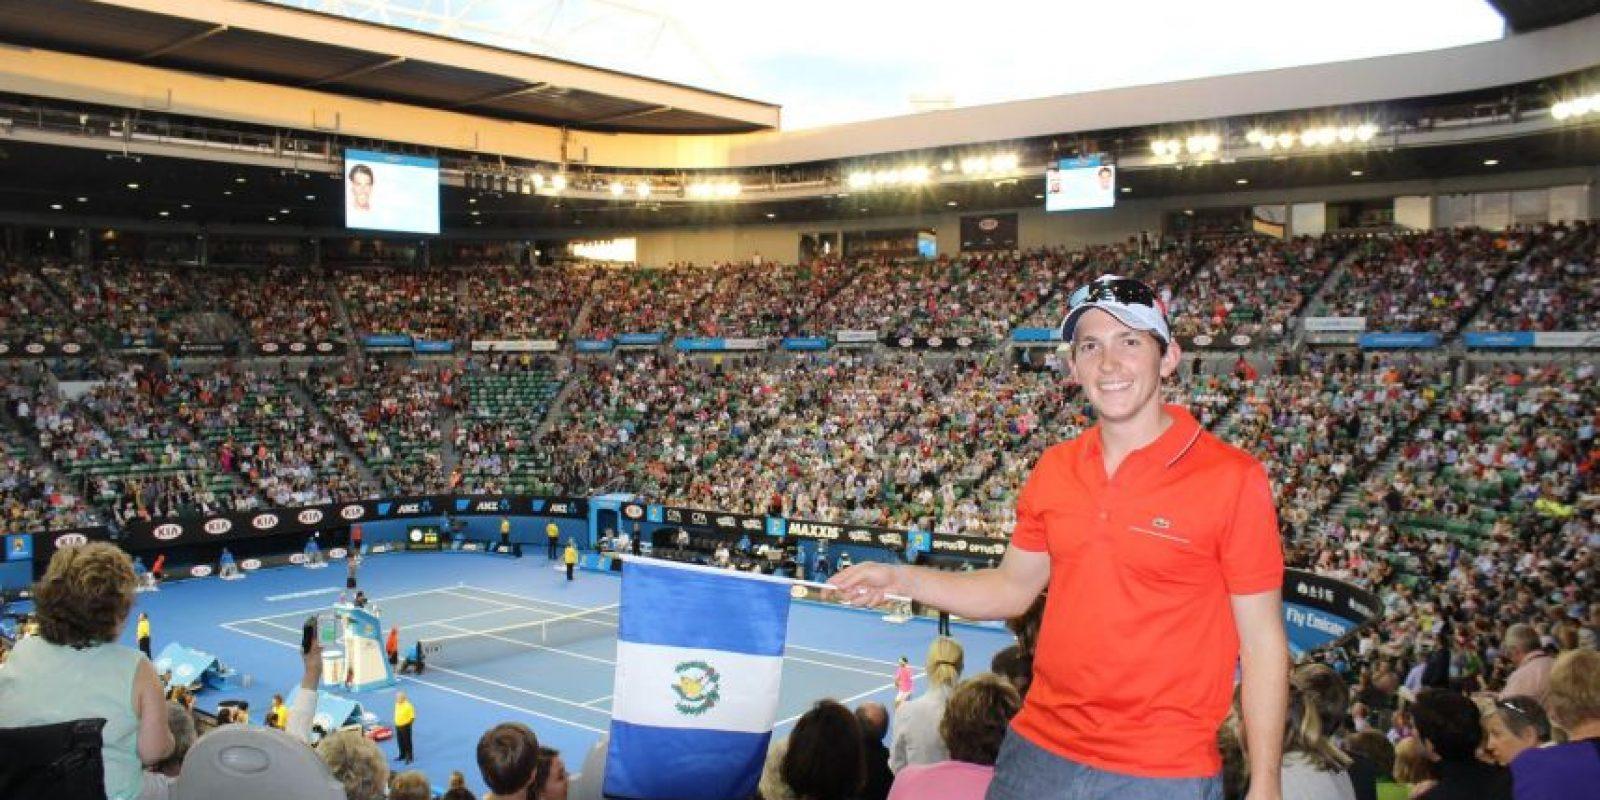 Guillermo Ramos es guatemalteco y reside en Melbourne, en donde se juega el Abierto de Australia. Foto:Cortesía G. Ramos